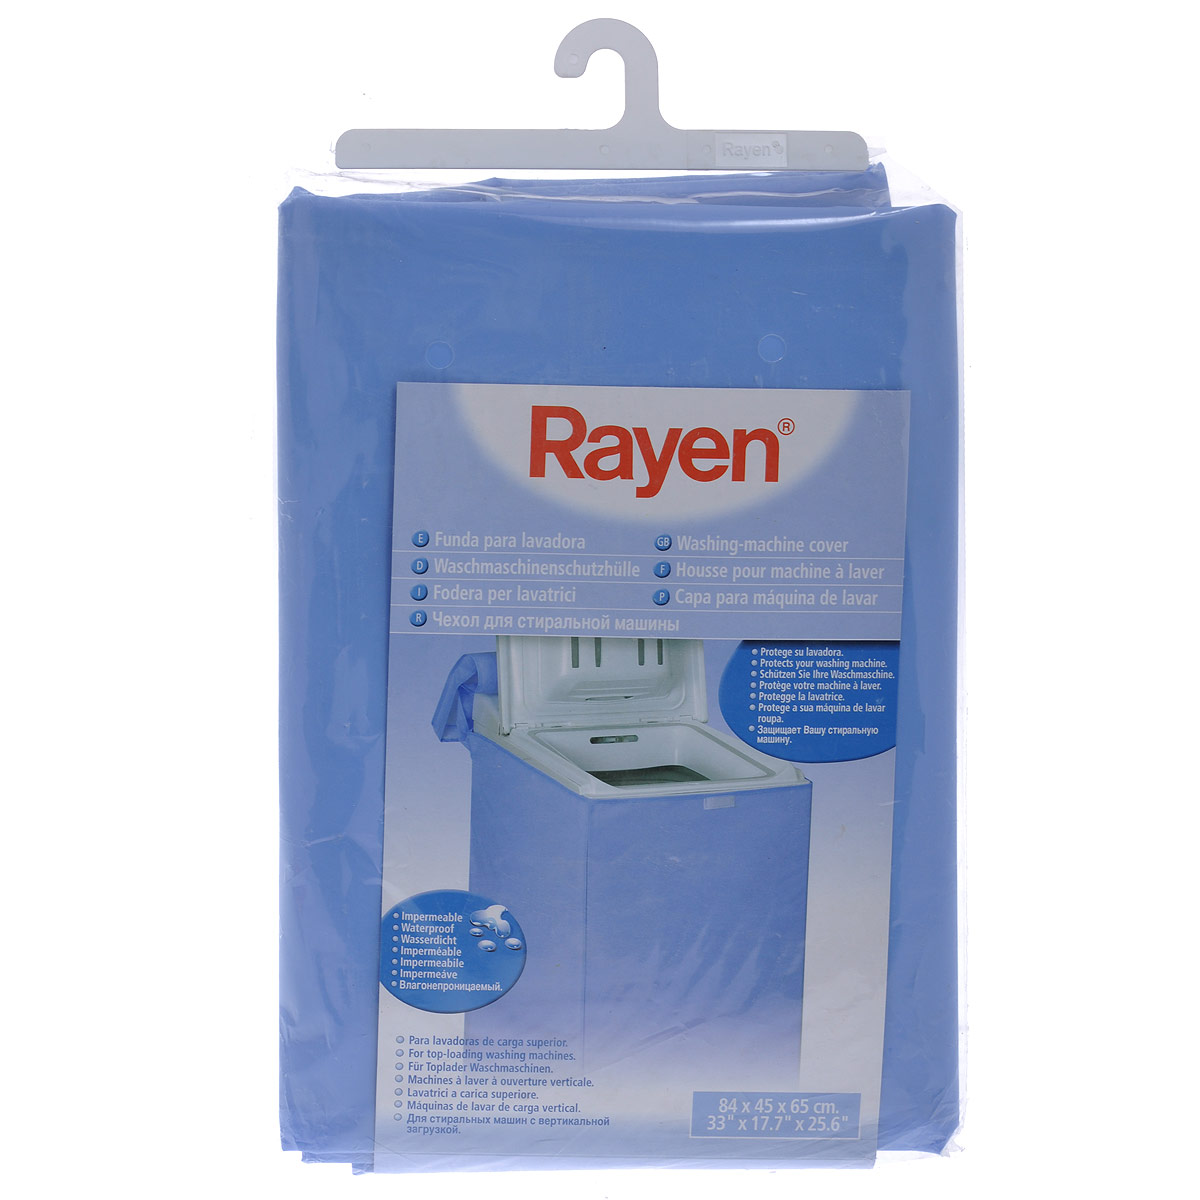 Чехол Rayen для вертикальной стиральной машины, 84 х 45 х 65 см вакуумная упаковка rayen для одежды 30 х 25 х 45 см